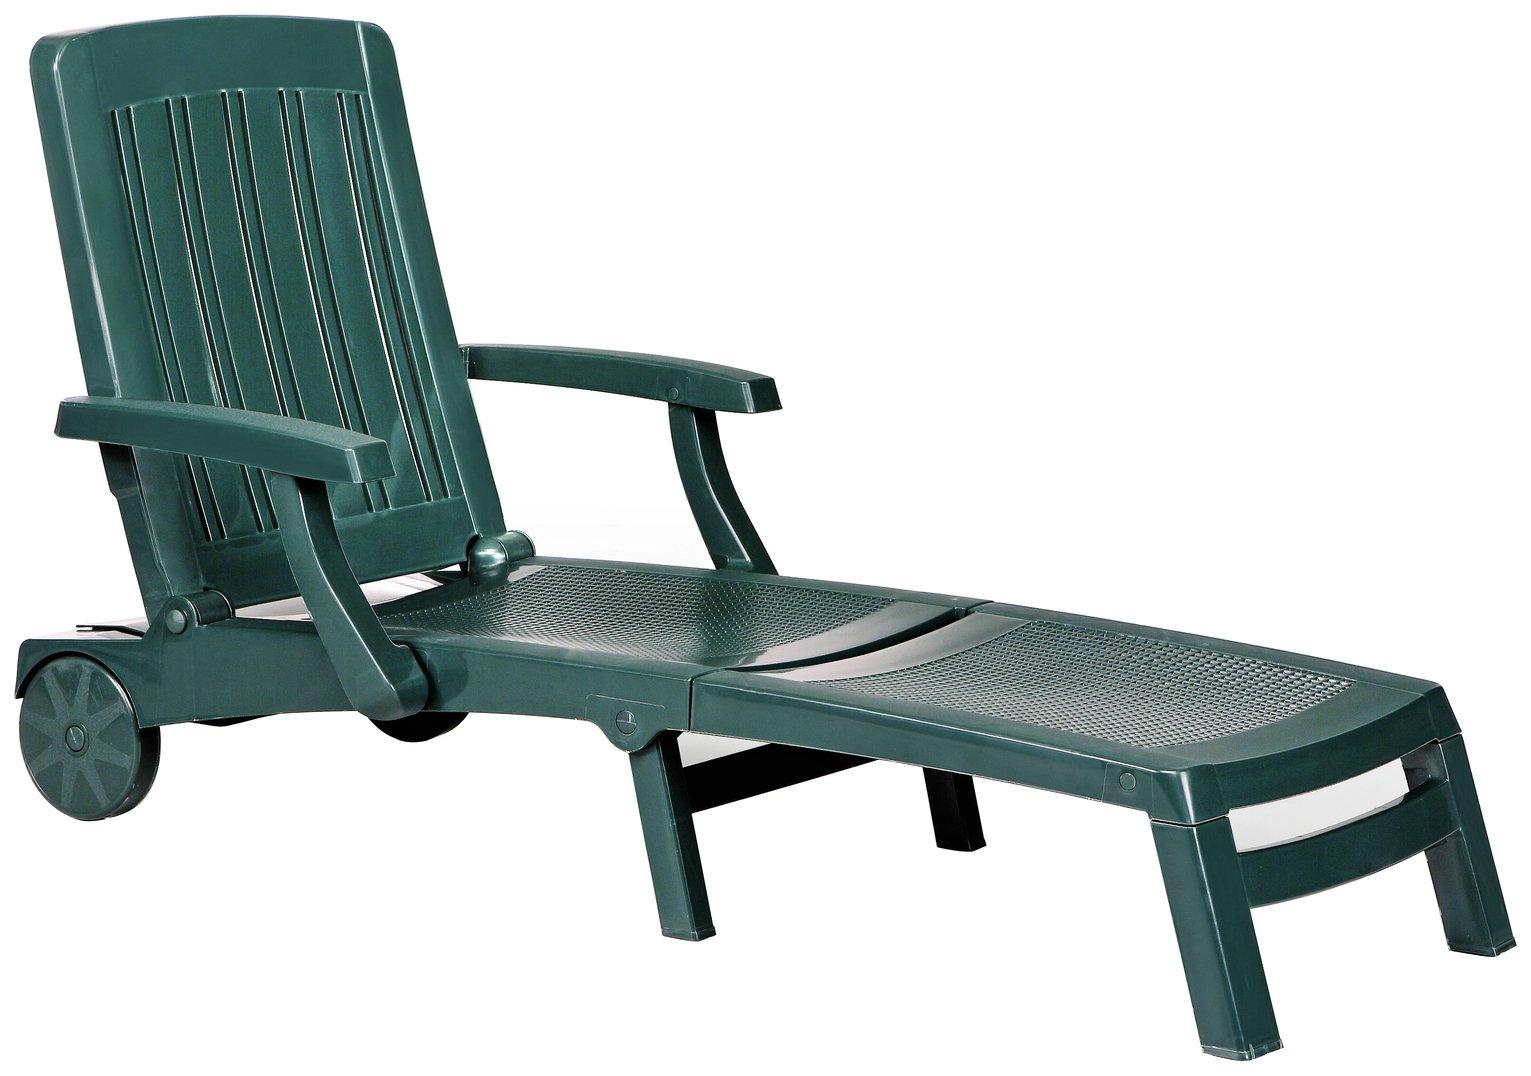 Argos Home Deluxe Green Resin Sun Lounger